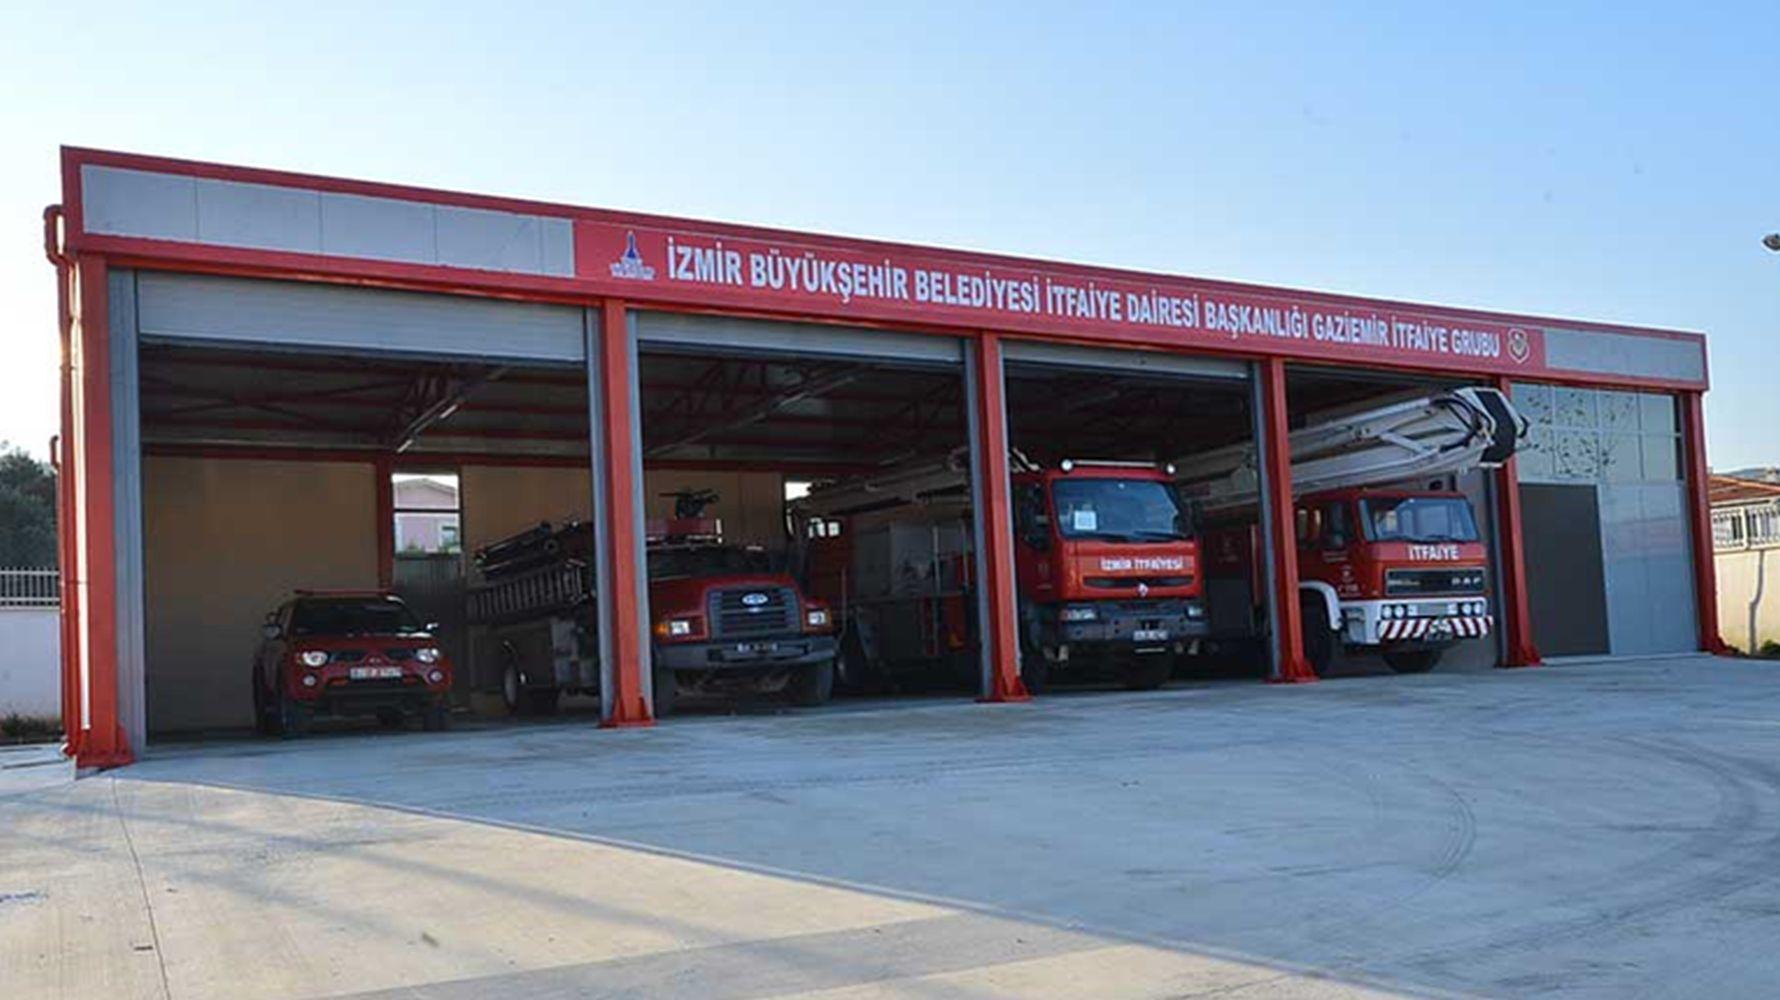 Izmir Buyuksehir Municipality Will Make Fire Brigade Recruitment